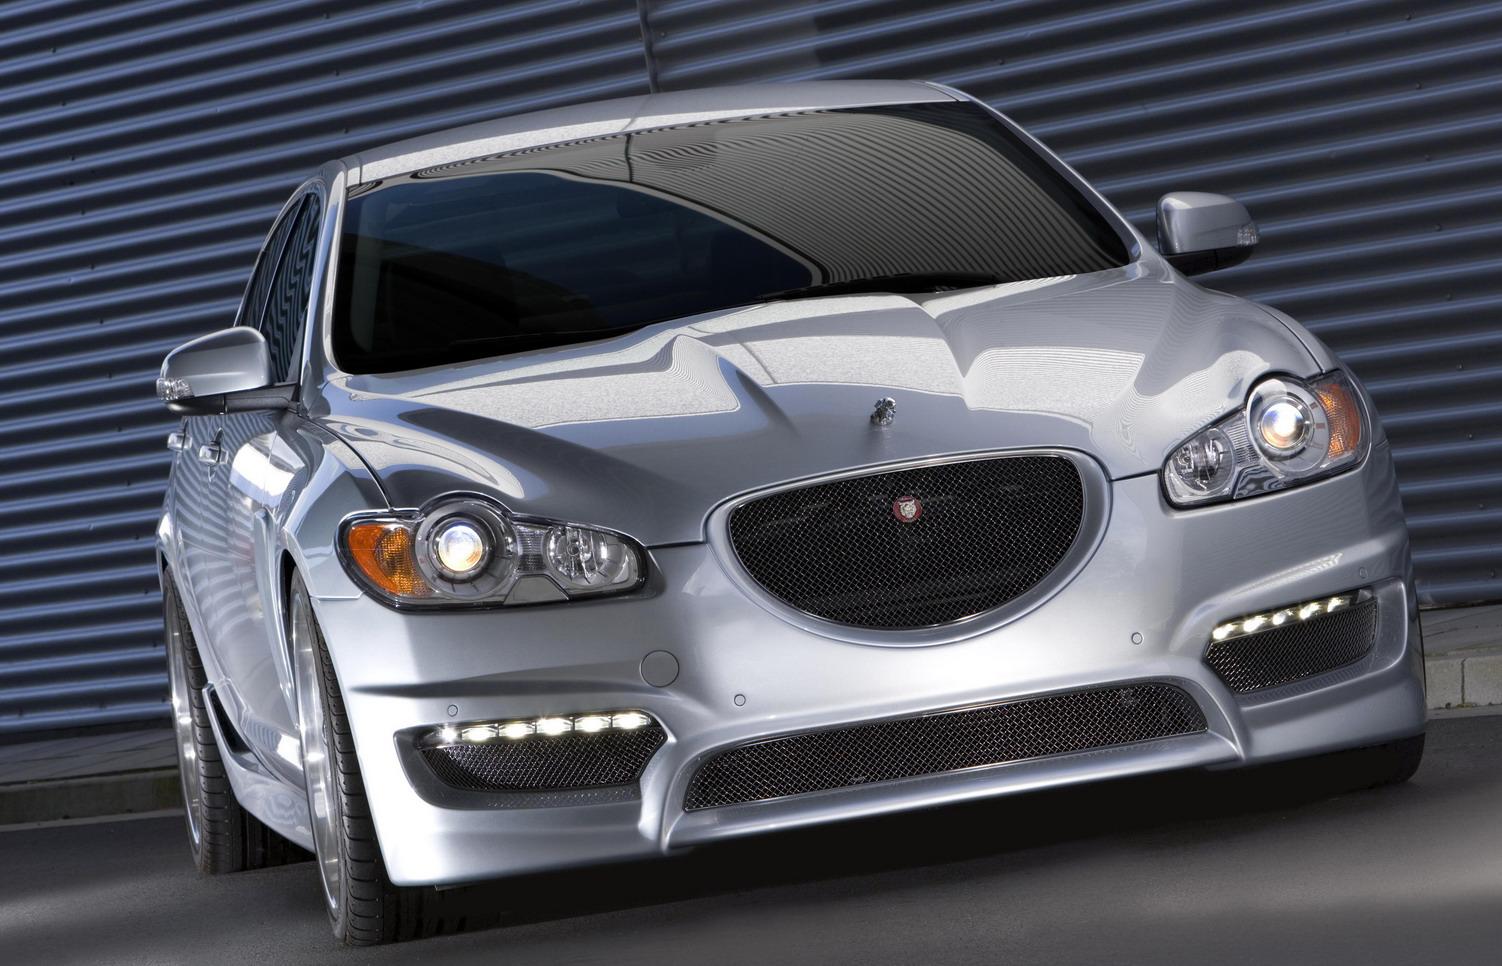 Jaguar XF Top Images